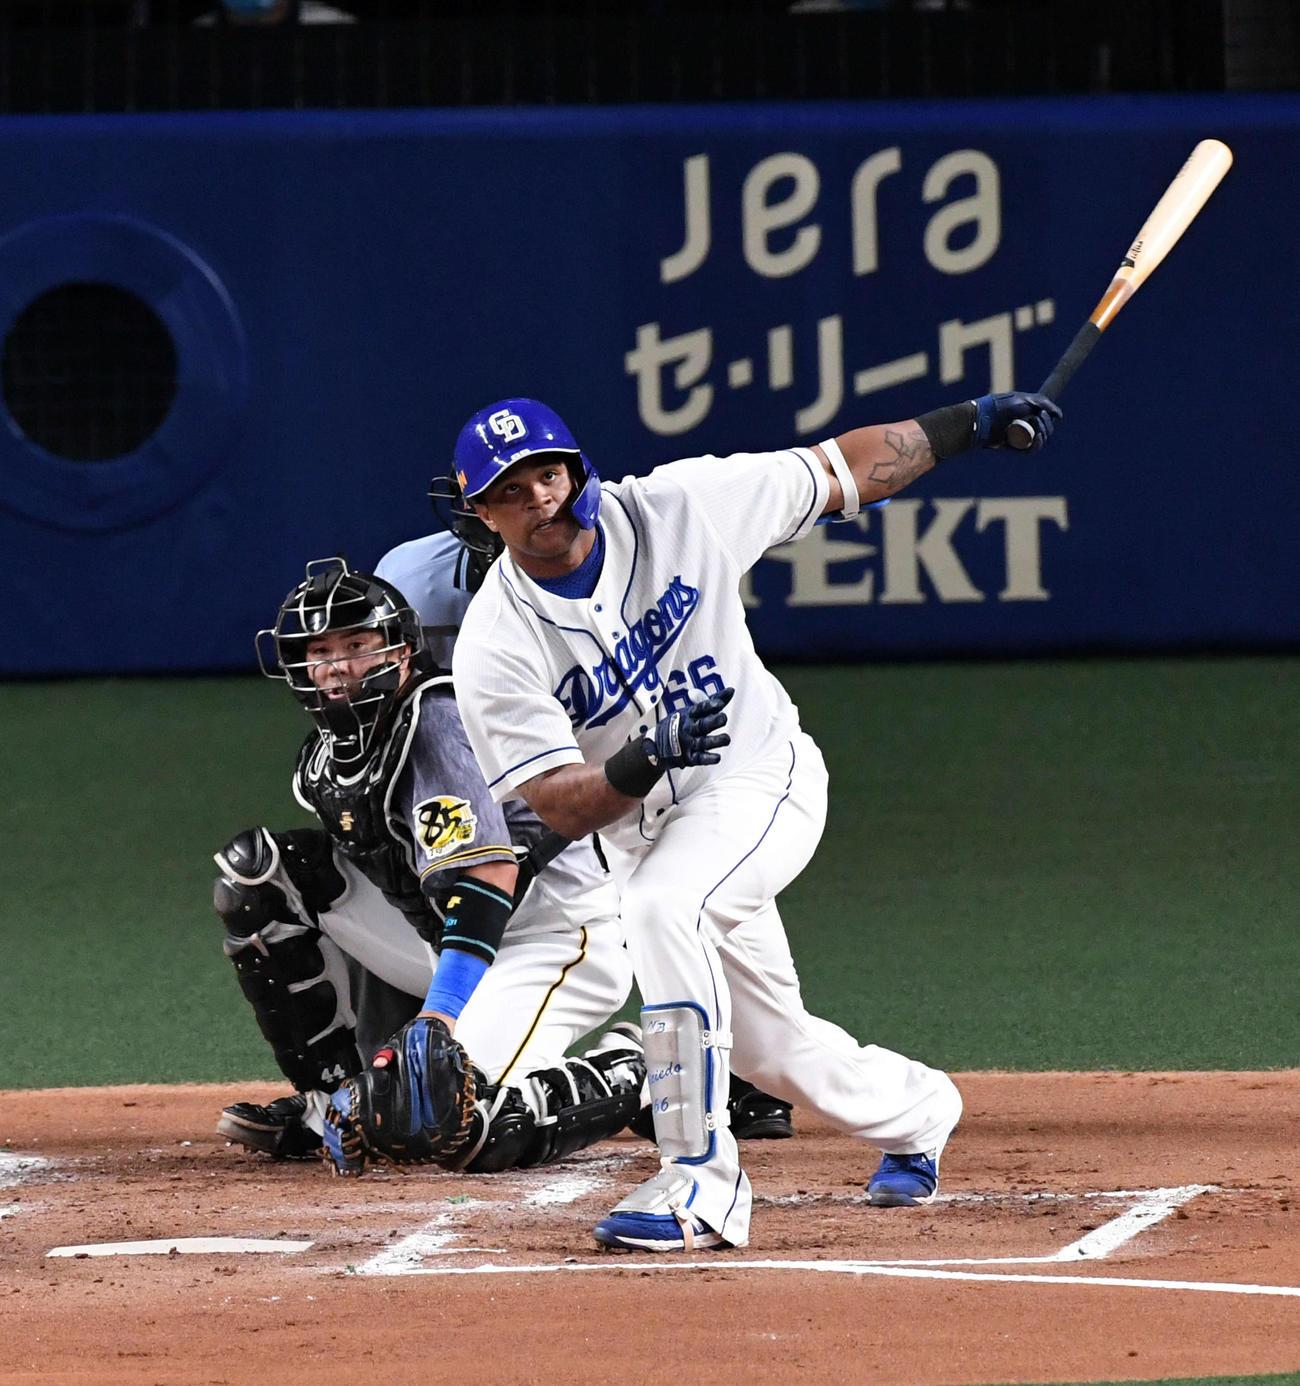 中日対阪神 1回裏中日1死一、二塁、ビシエドは左越え先制3点本塁打を放つ(撮影・前岡正明)